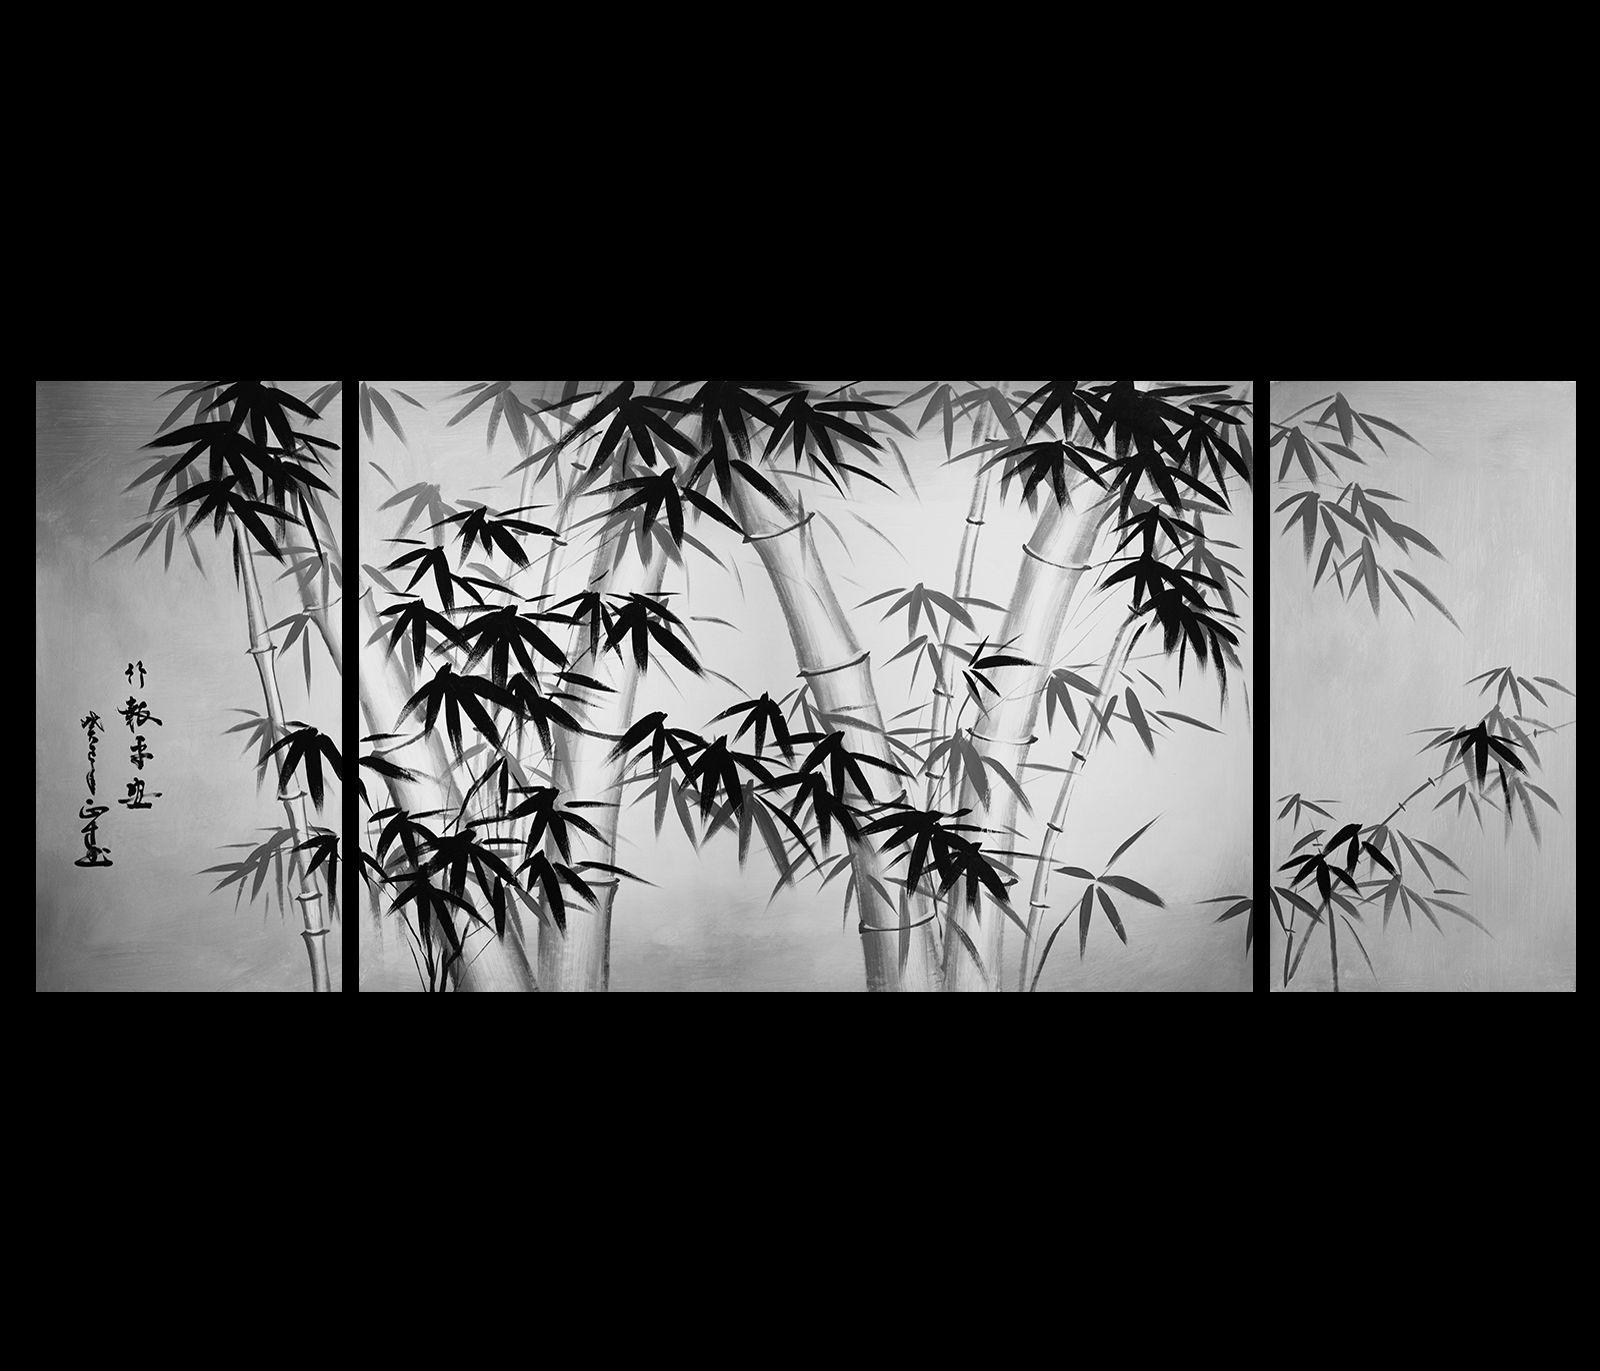 Merveilleux Bamboo Painting Canvas Art Asian Bamboo Art Modern Wall Art Decor